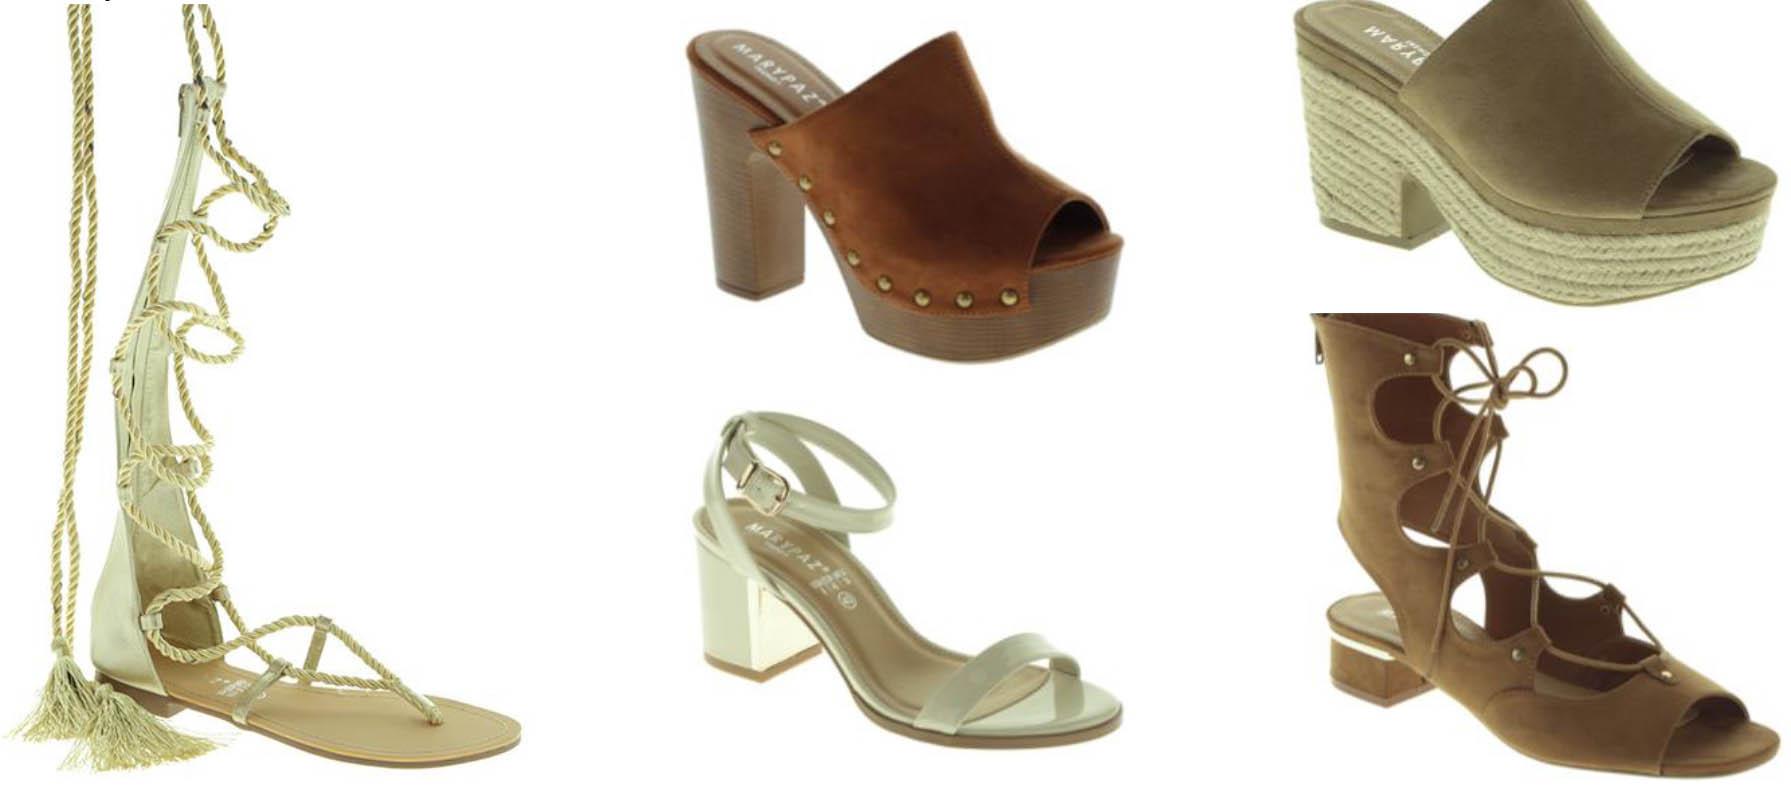 Marypaz Zapatos Zuecos zueco Mary Paz 0OkXNP8wnZ